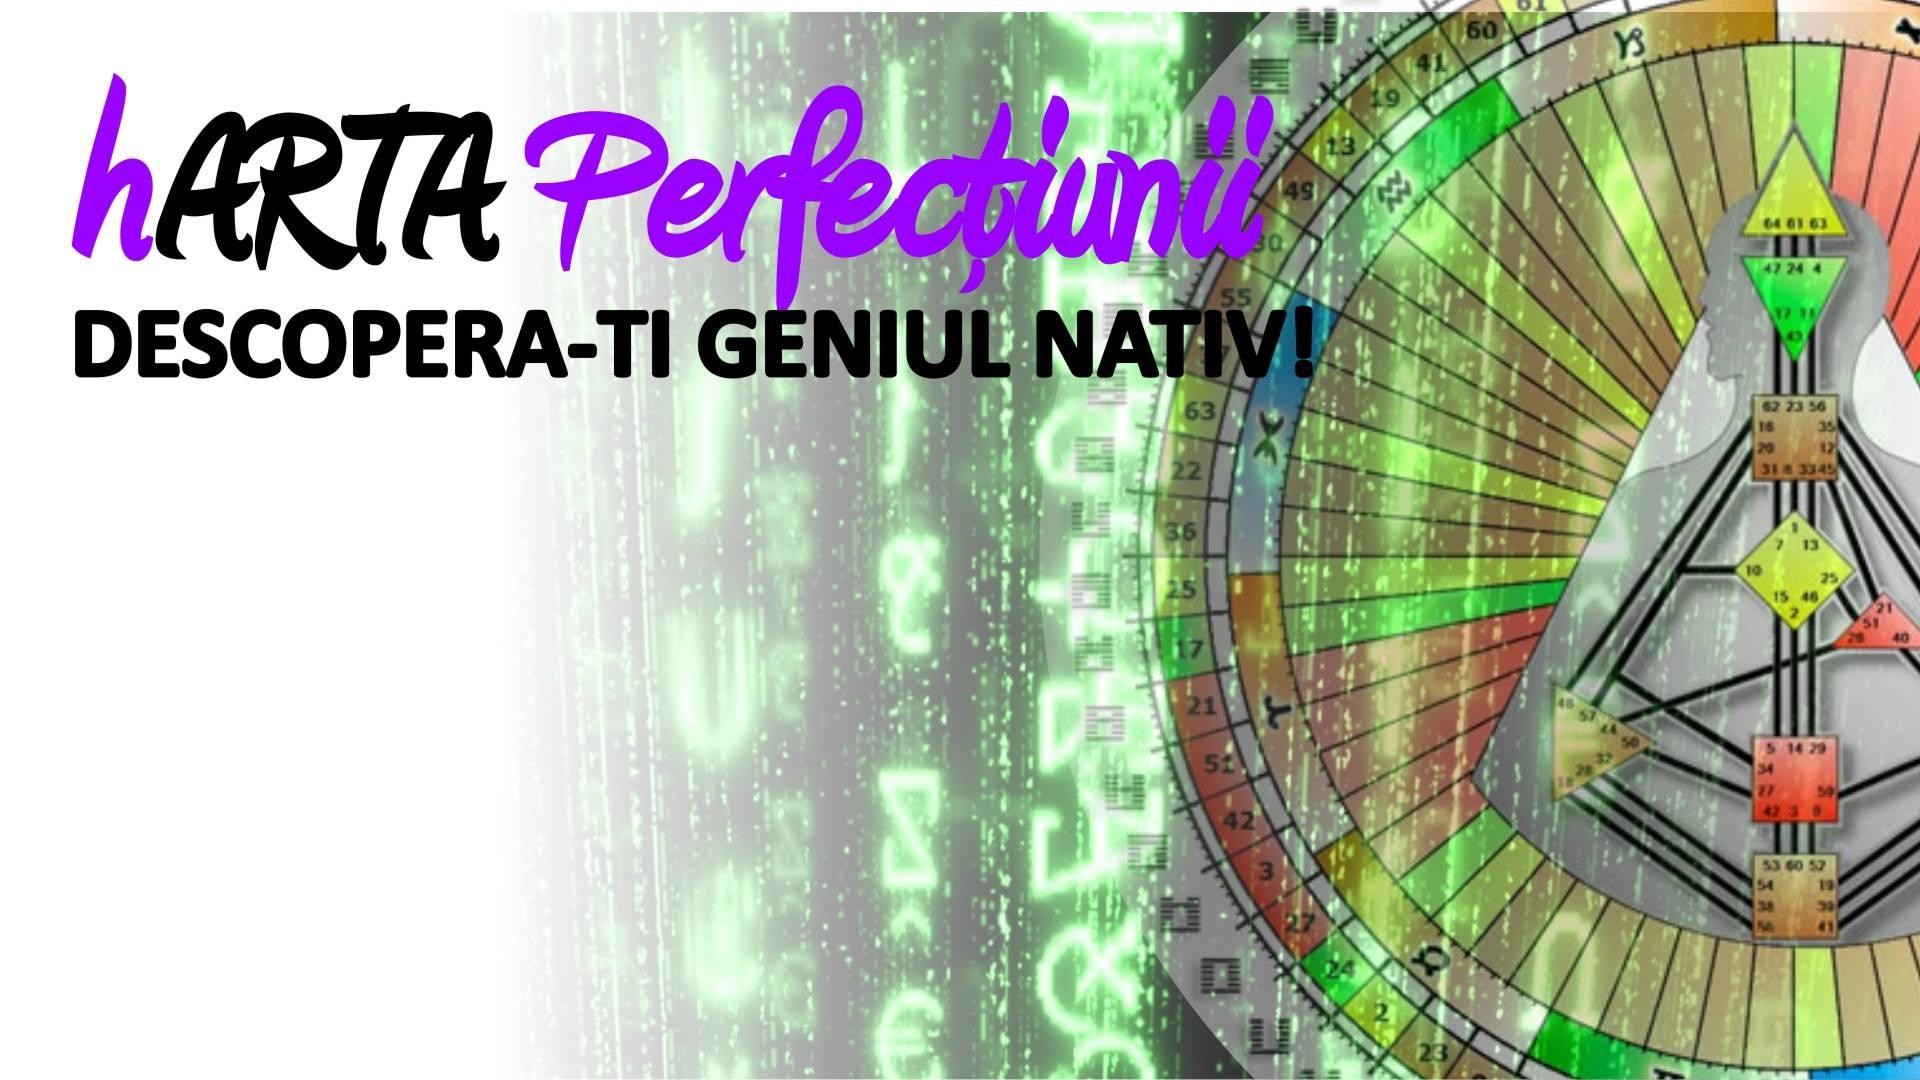 Descoperă-ți Geniul Nativ - Sibiu